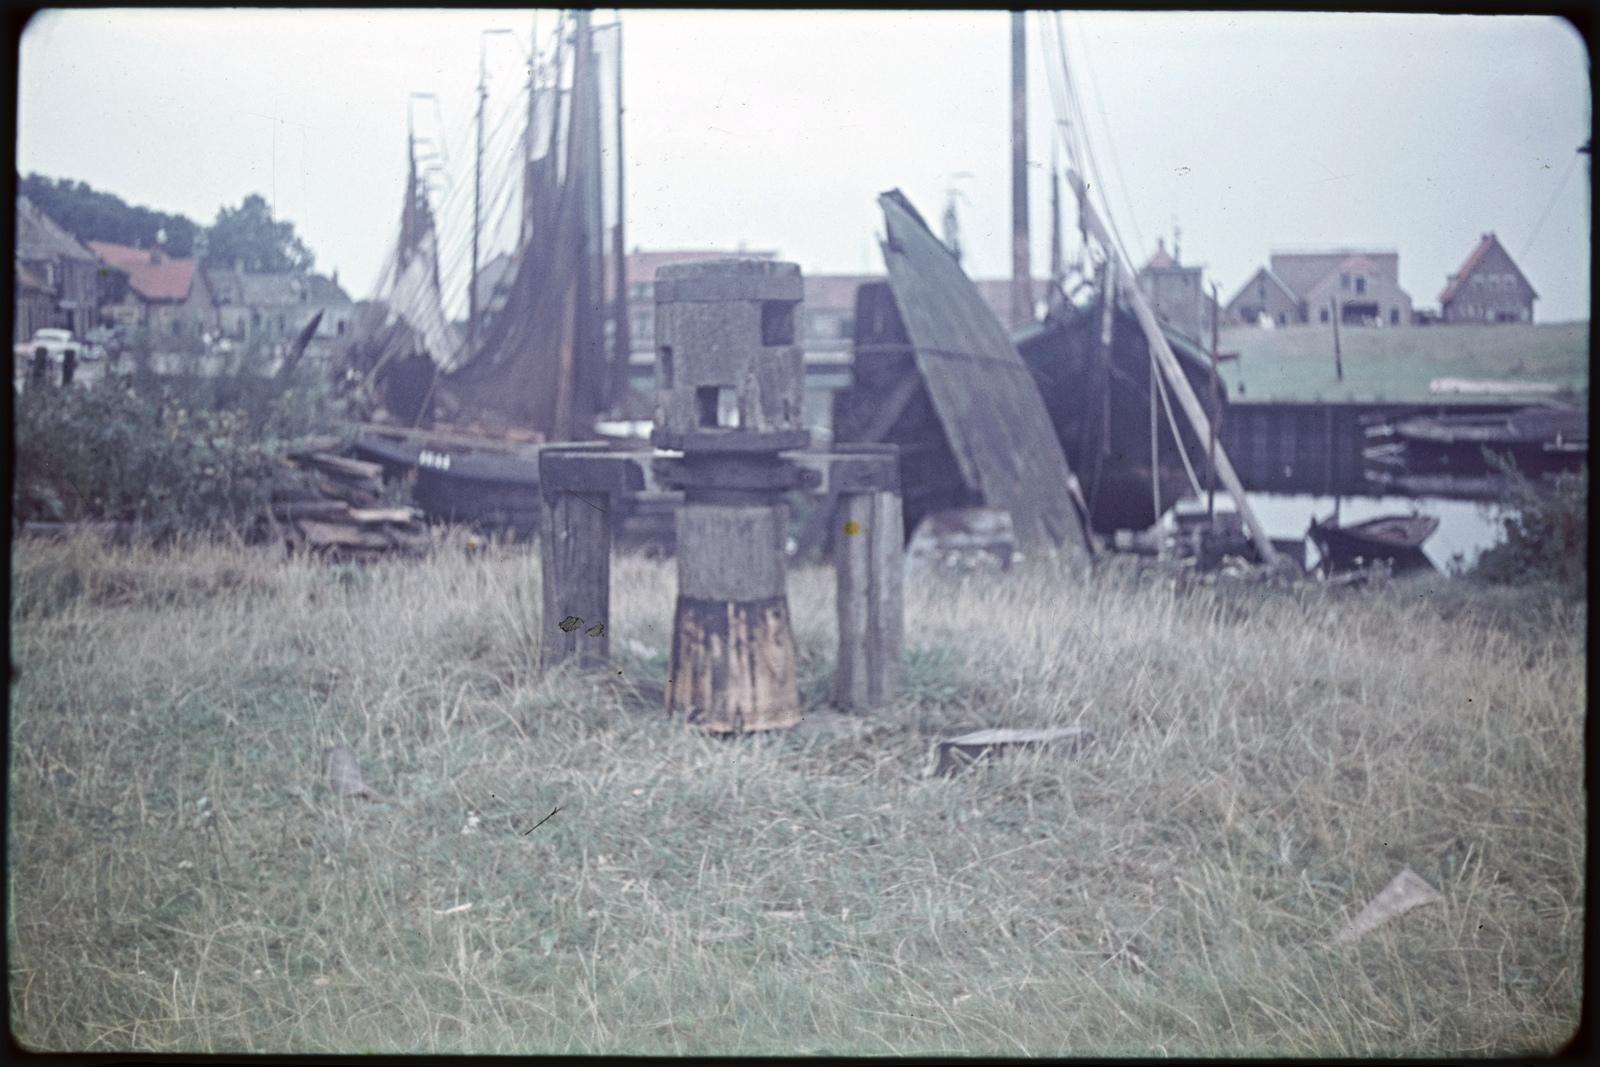 Botter op de helling van een scheepswerf